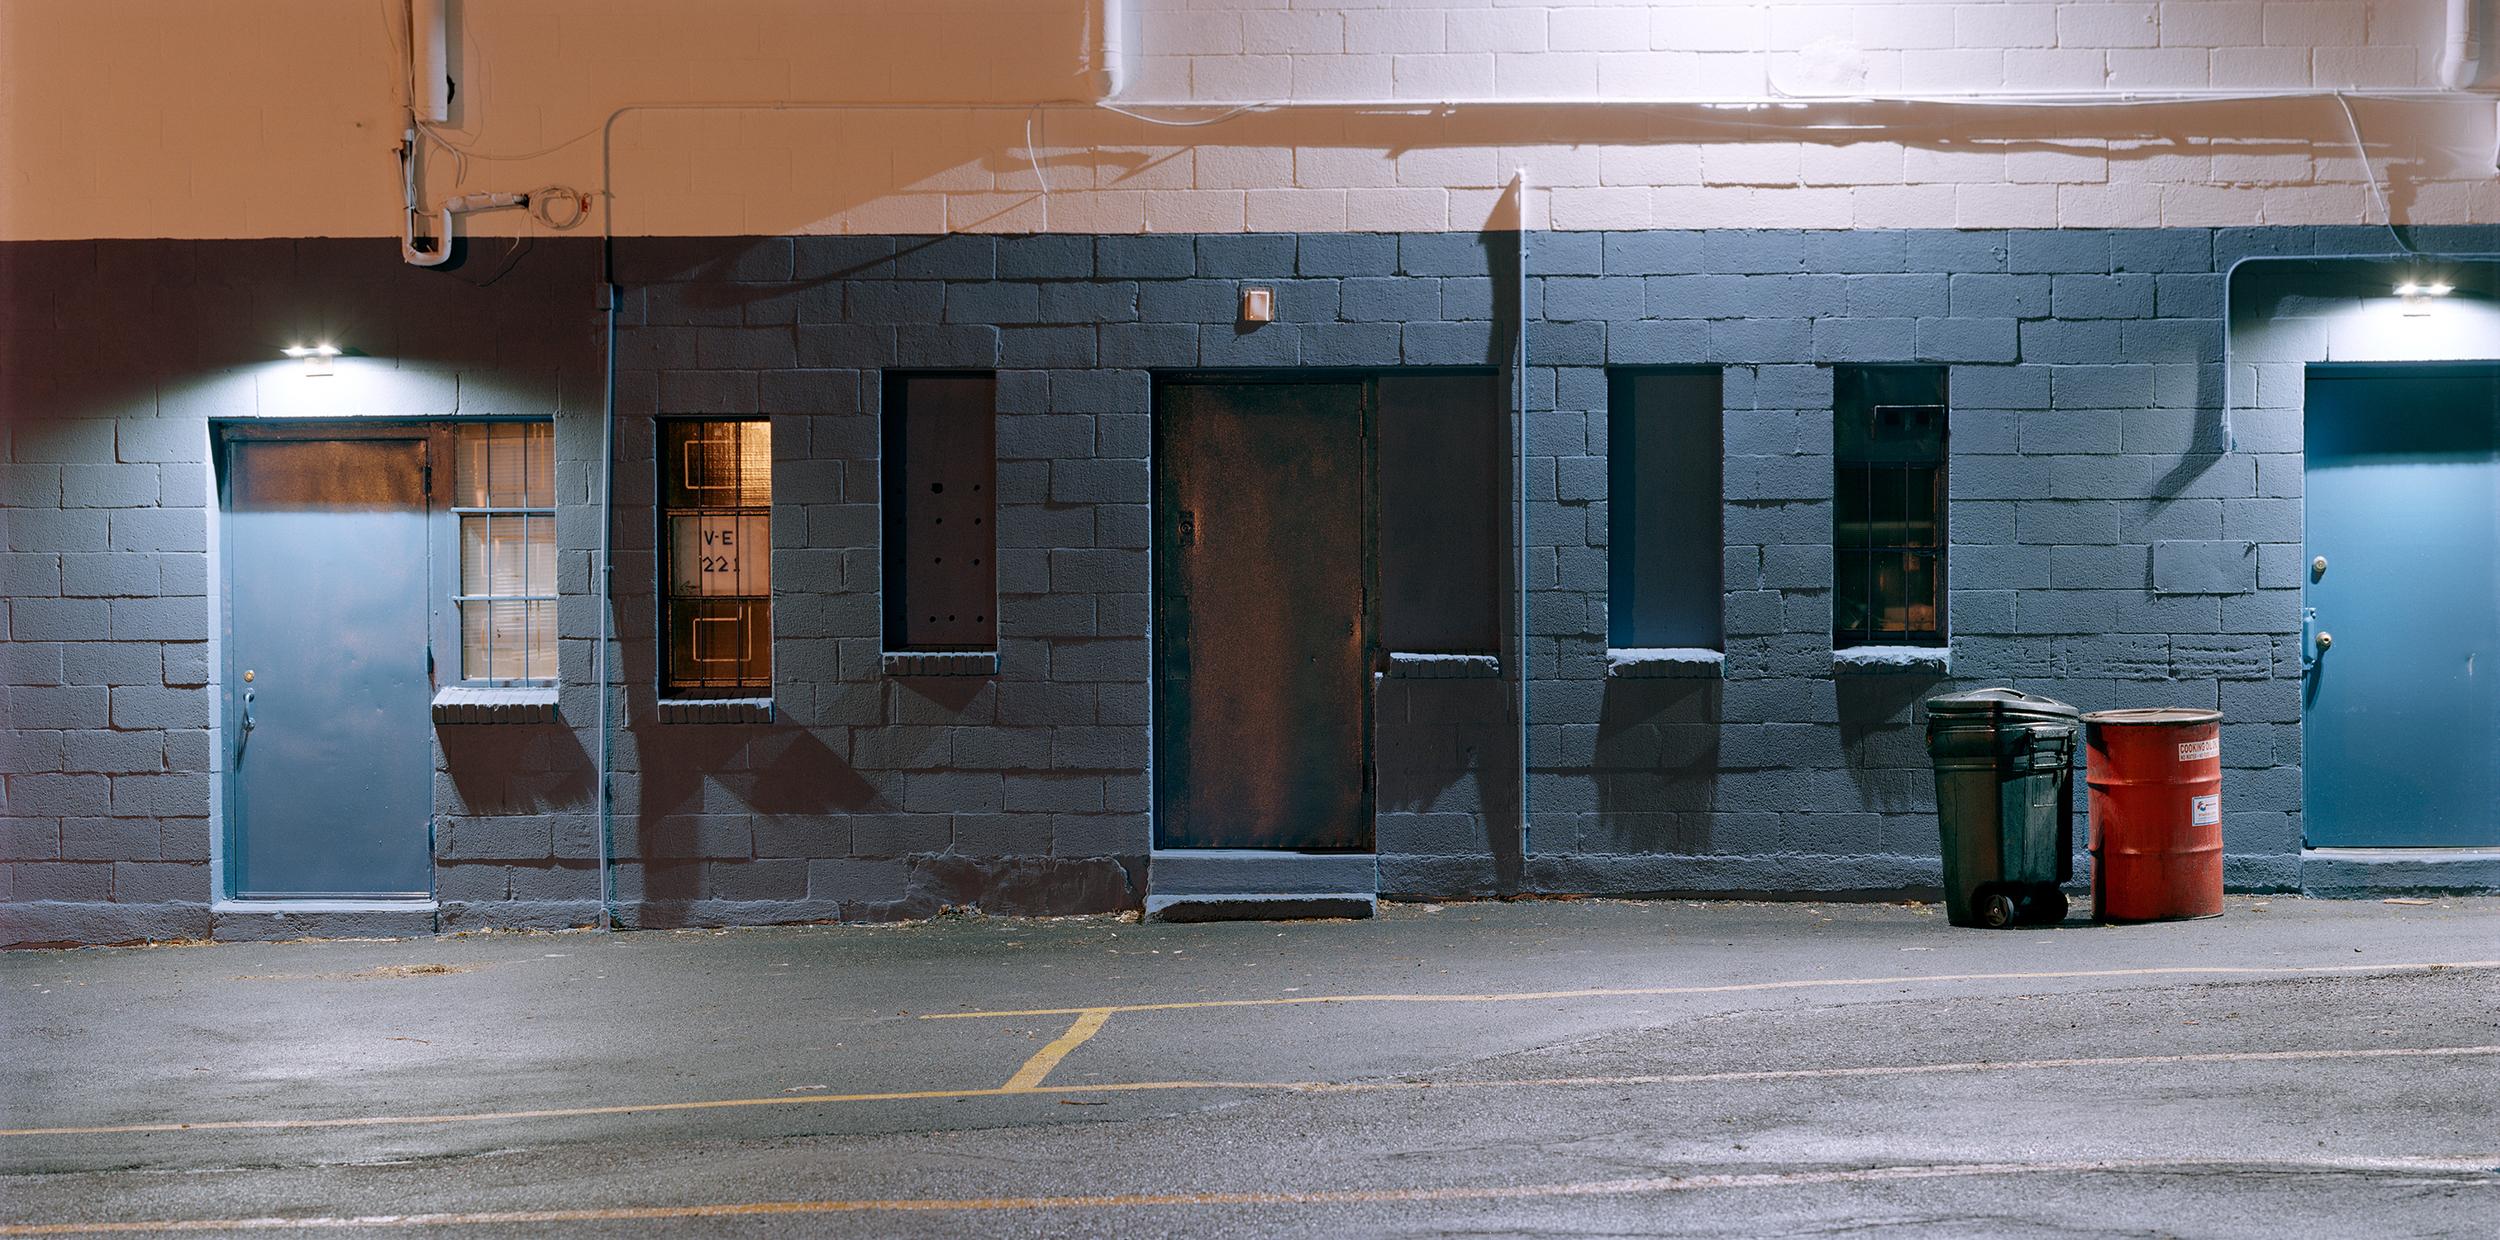 Rear Wall, Hartsdale NY (2013)